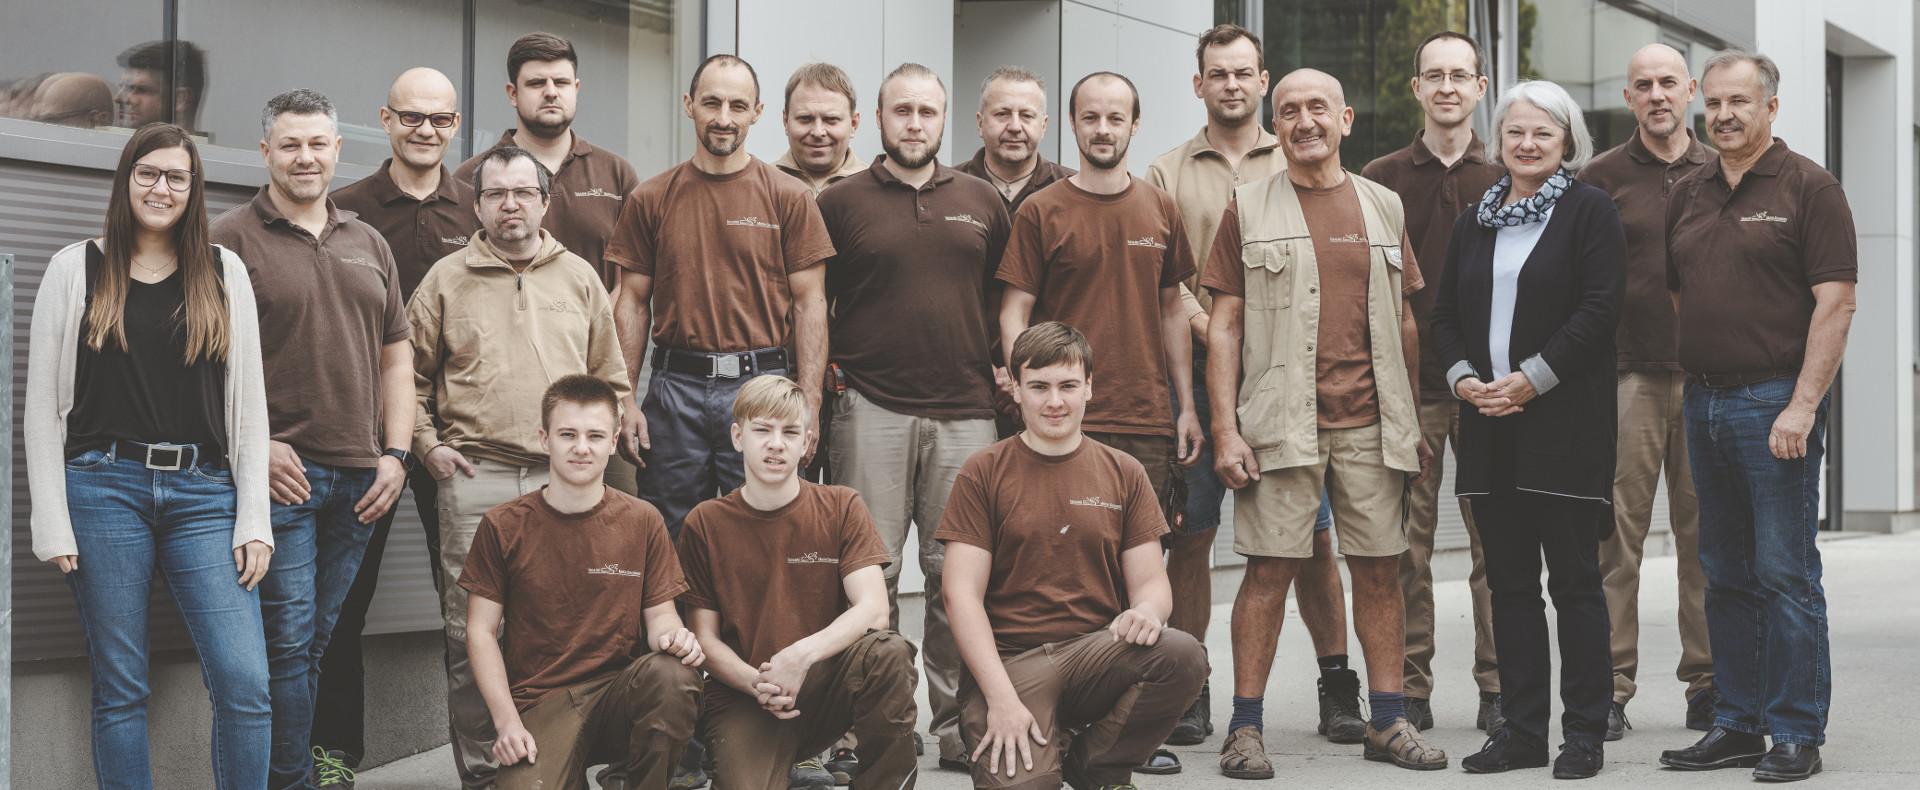 Das Team der Tischlerei Schlemmer